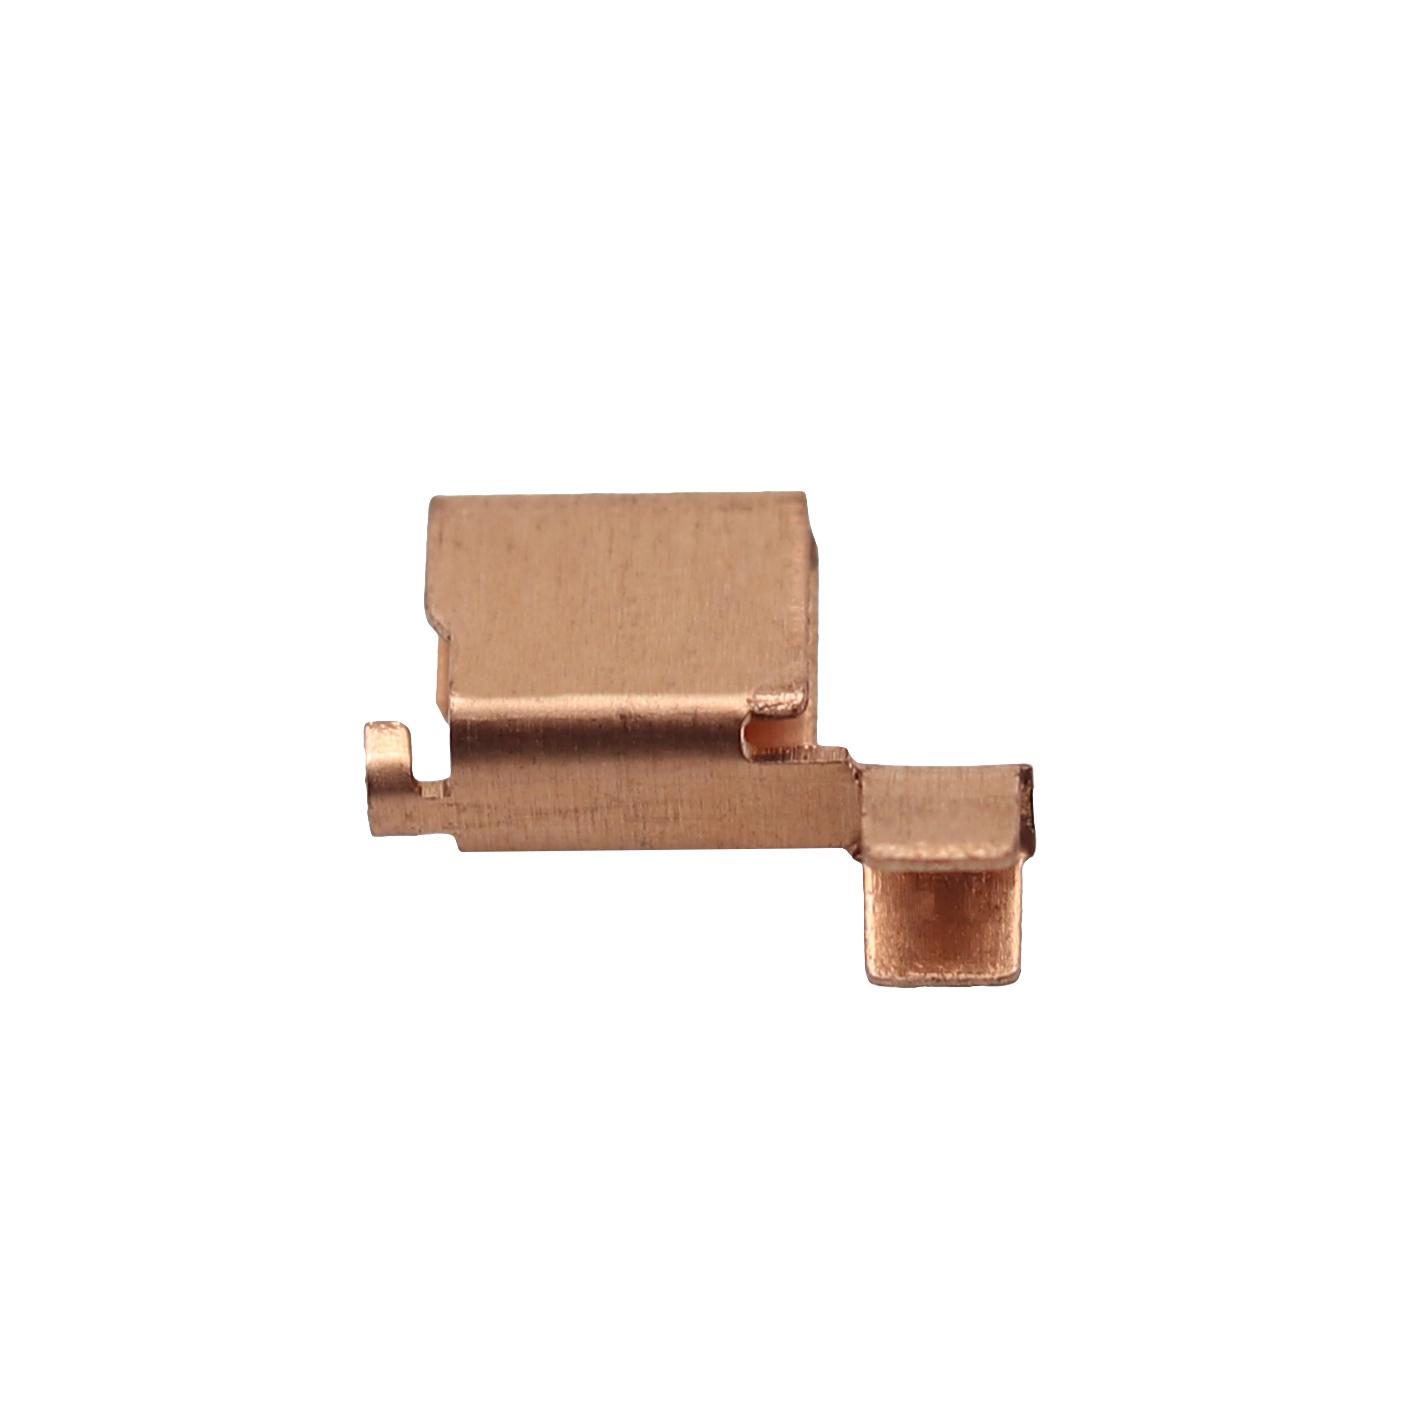 6.1x10.3單鉚磷青銅端子 潮州連接器接線端子優質廠家直銷志盈端子